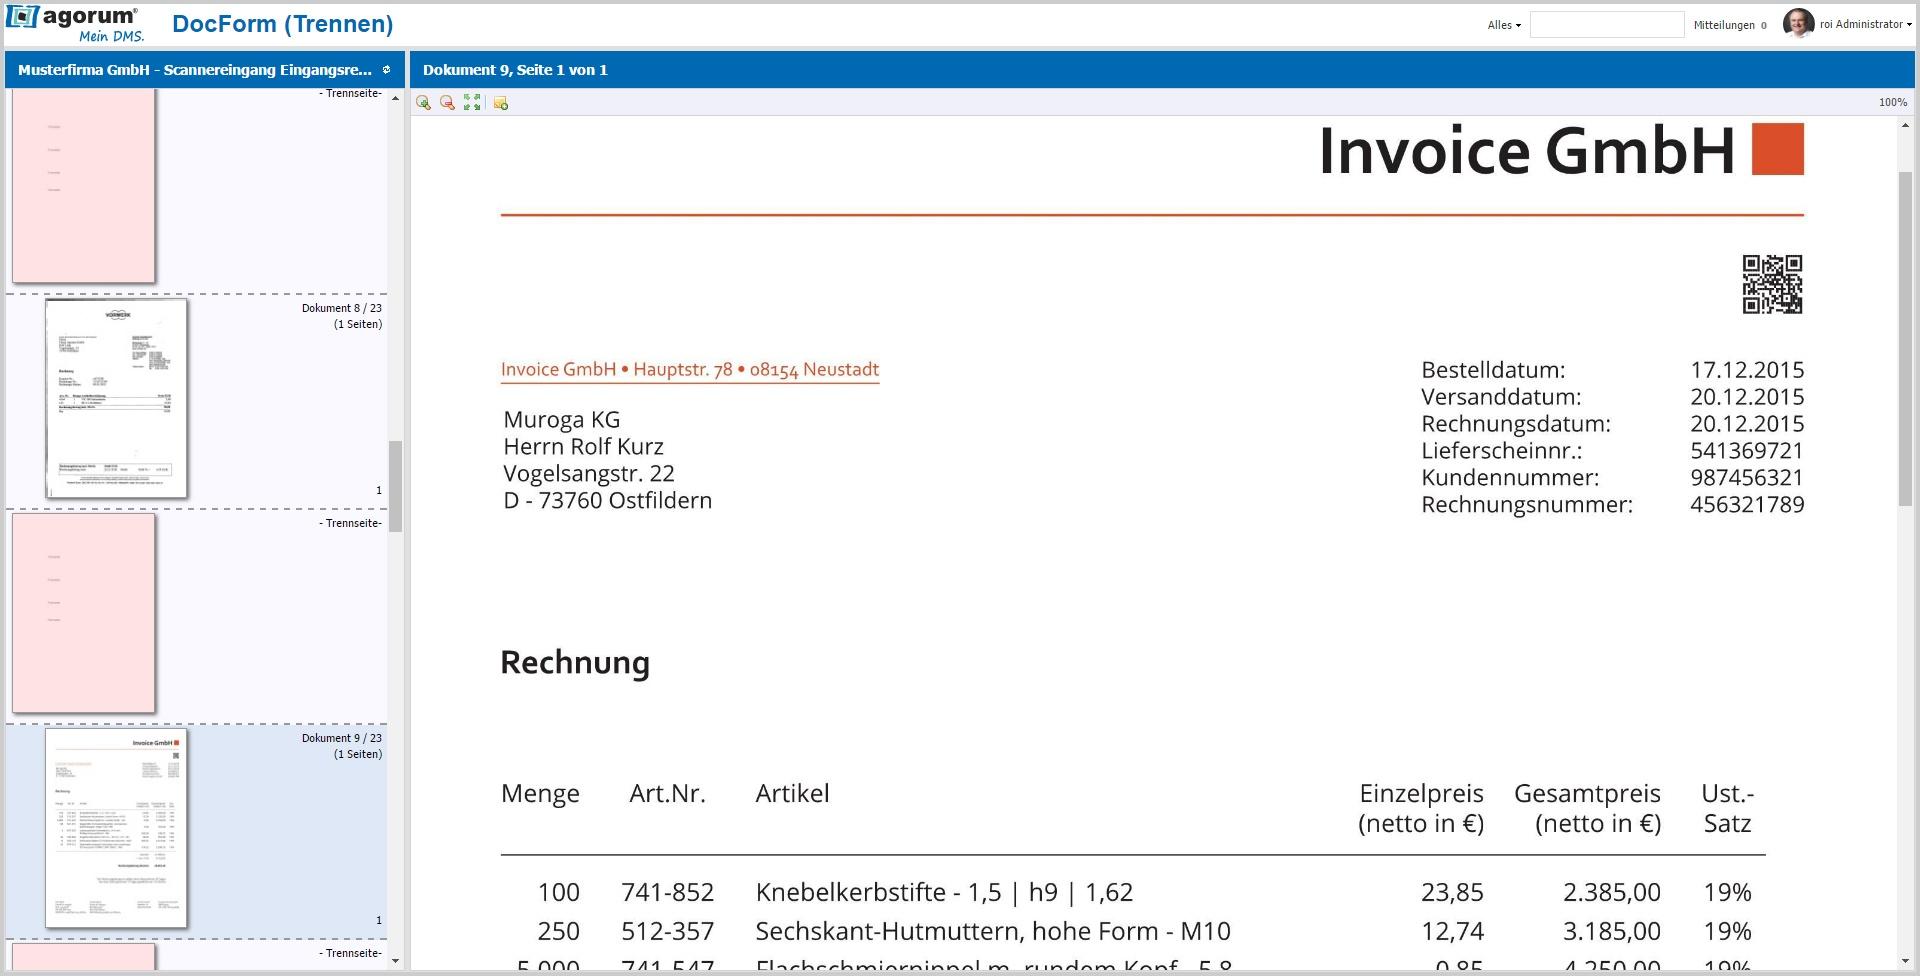 DocForm_Trennen_Trennbltter.jpg